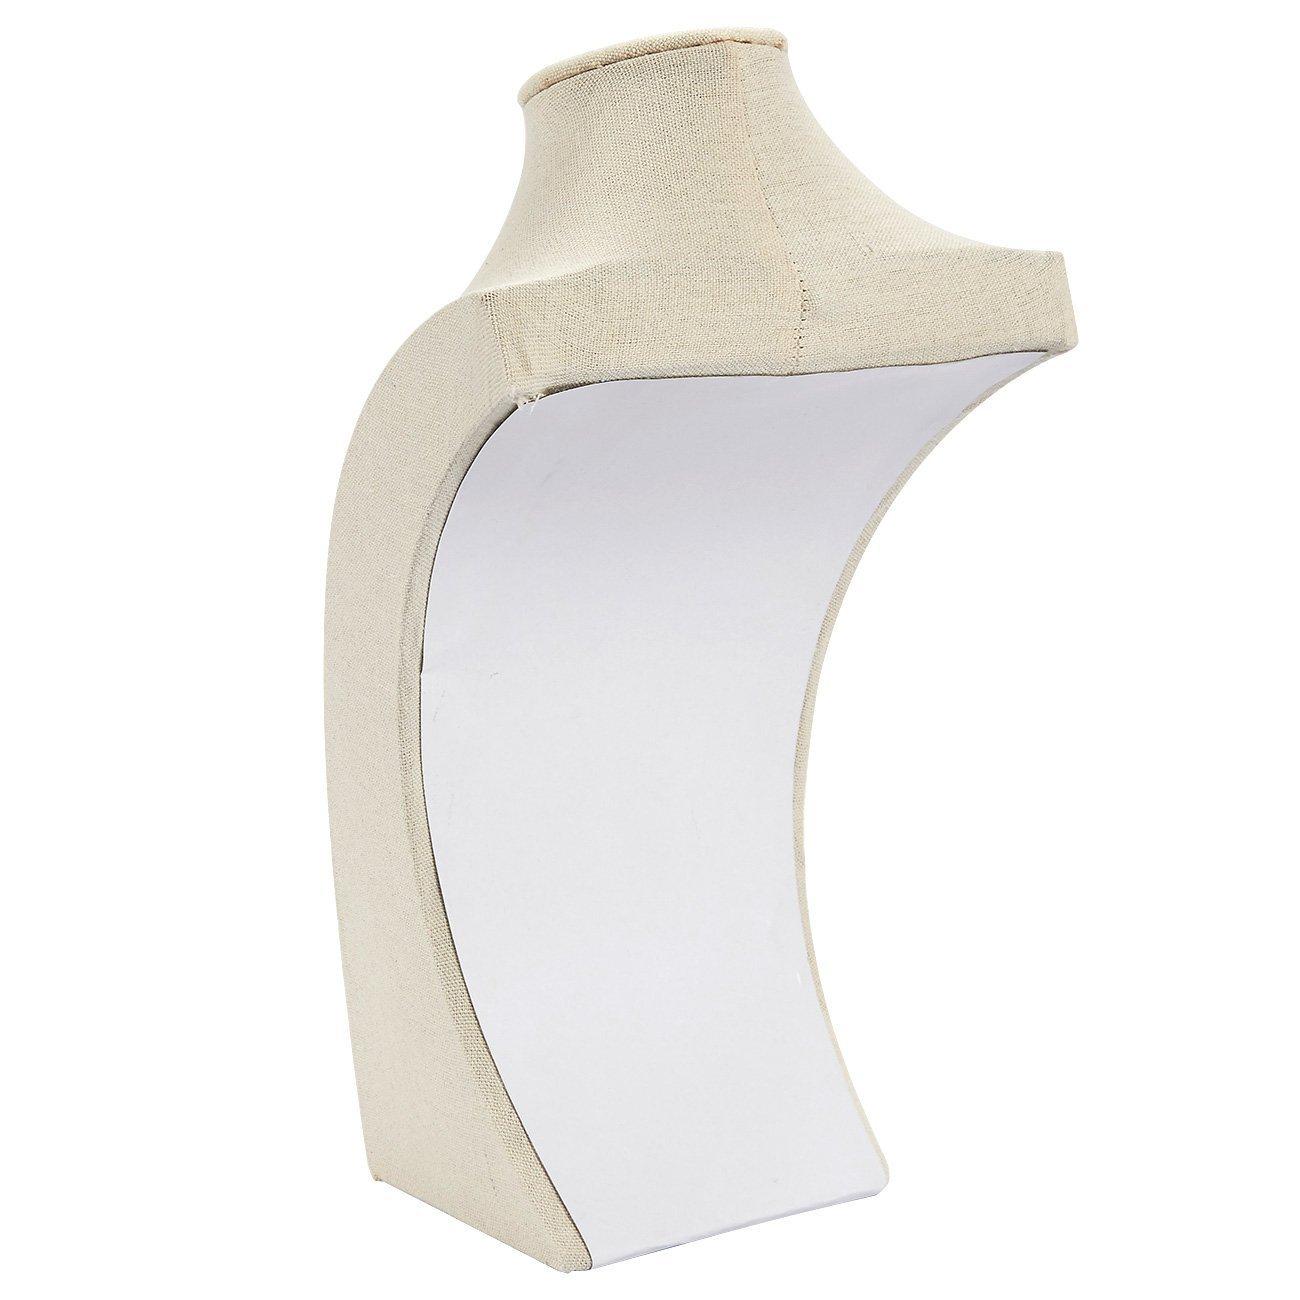 Amazon.com: Soporte de madera de lino para joyería – Soporte ...